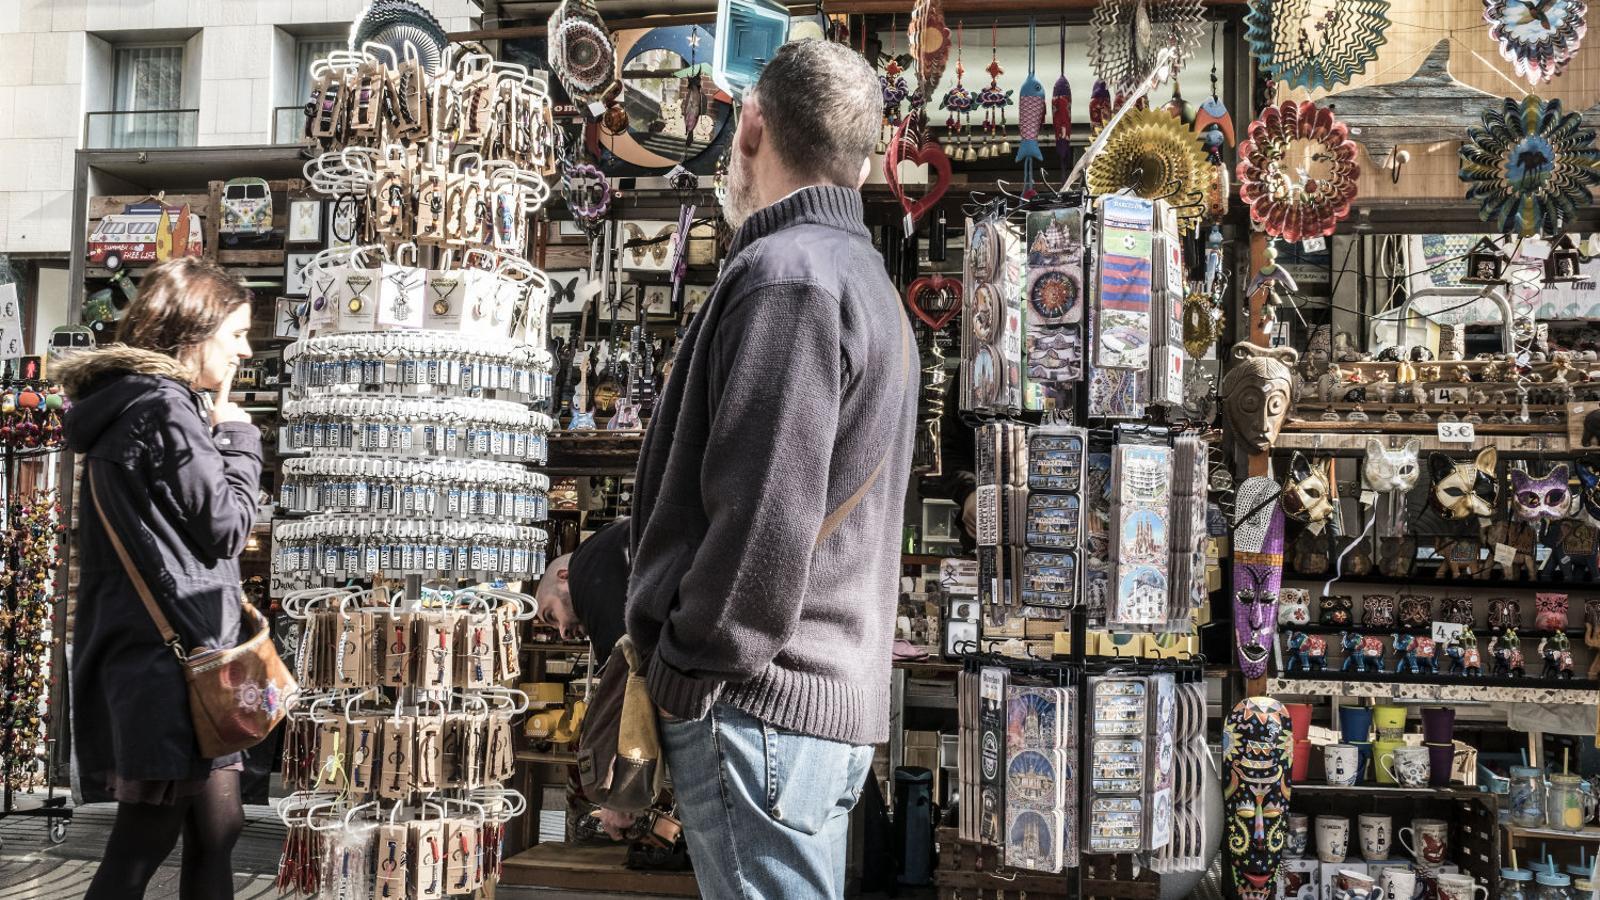 Uns clients  comprant souvenirs en una de les parades ubicades a la part central de la Rambla.